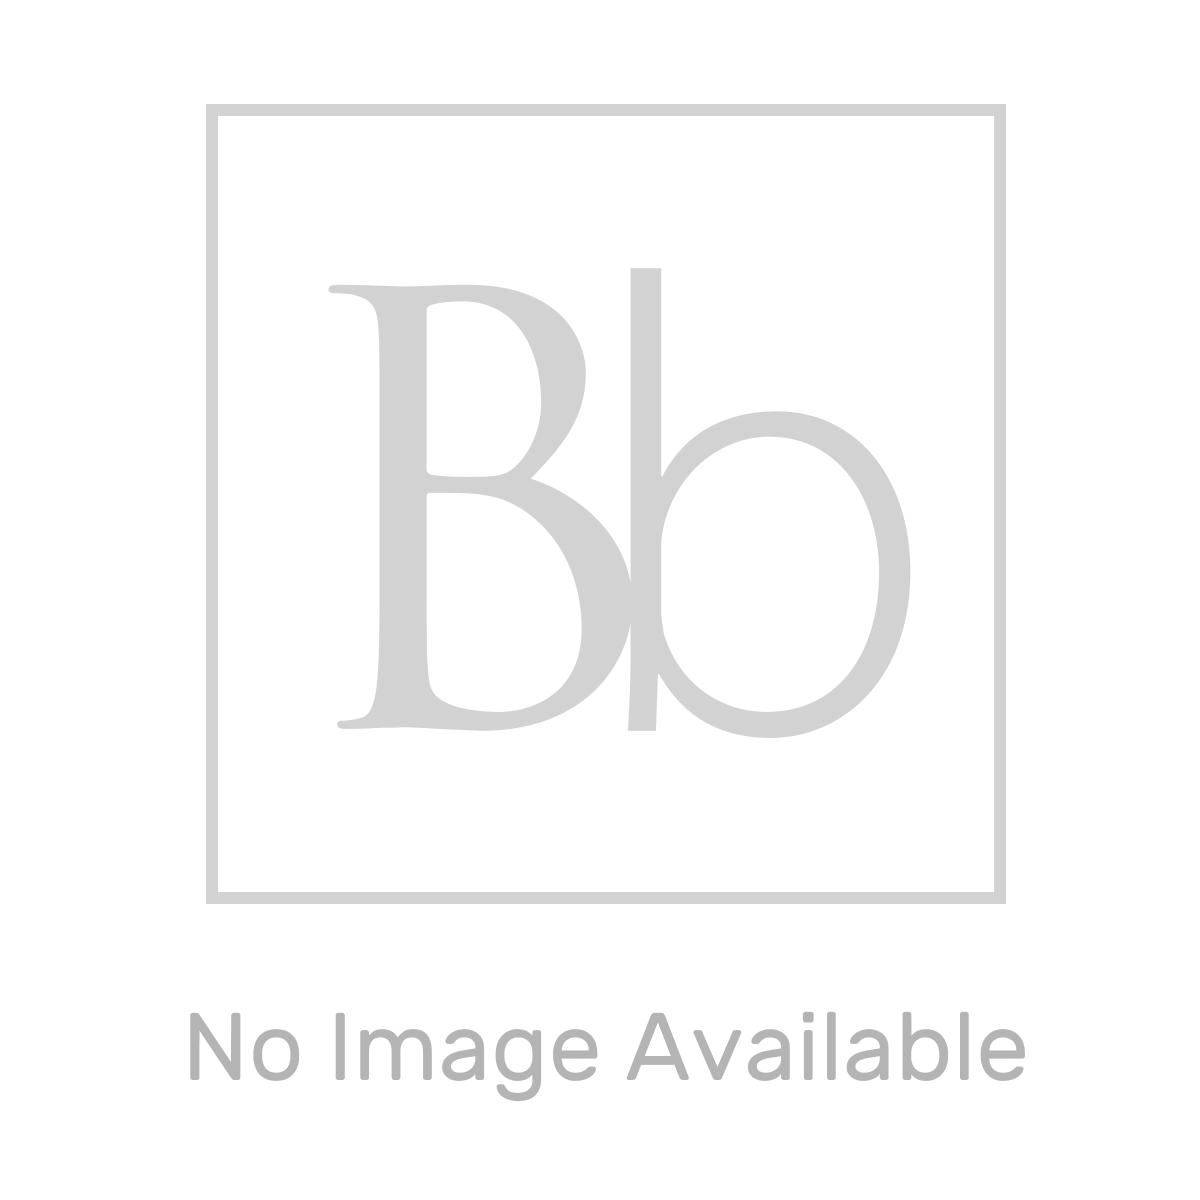 Nuie Blocks Satin Blue 2 Door Floor Standing Vanity Unit with 40mm Profile Basin 500mm